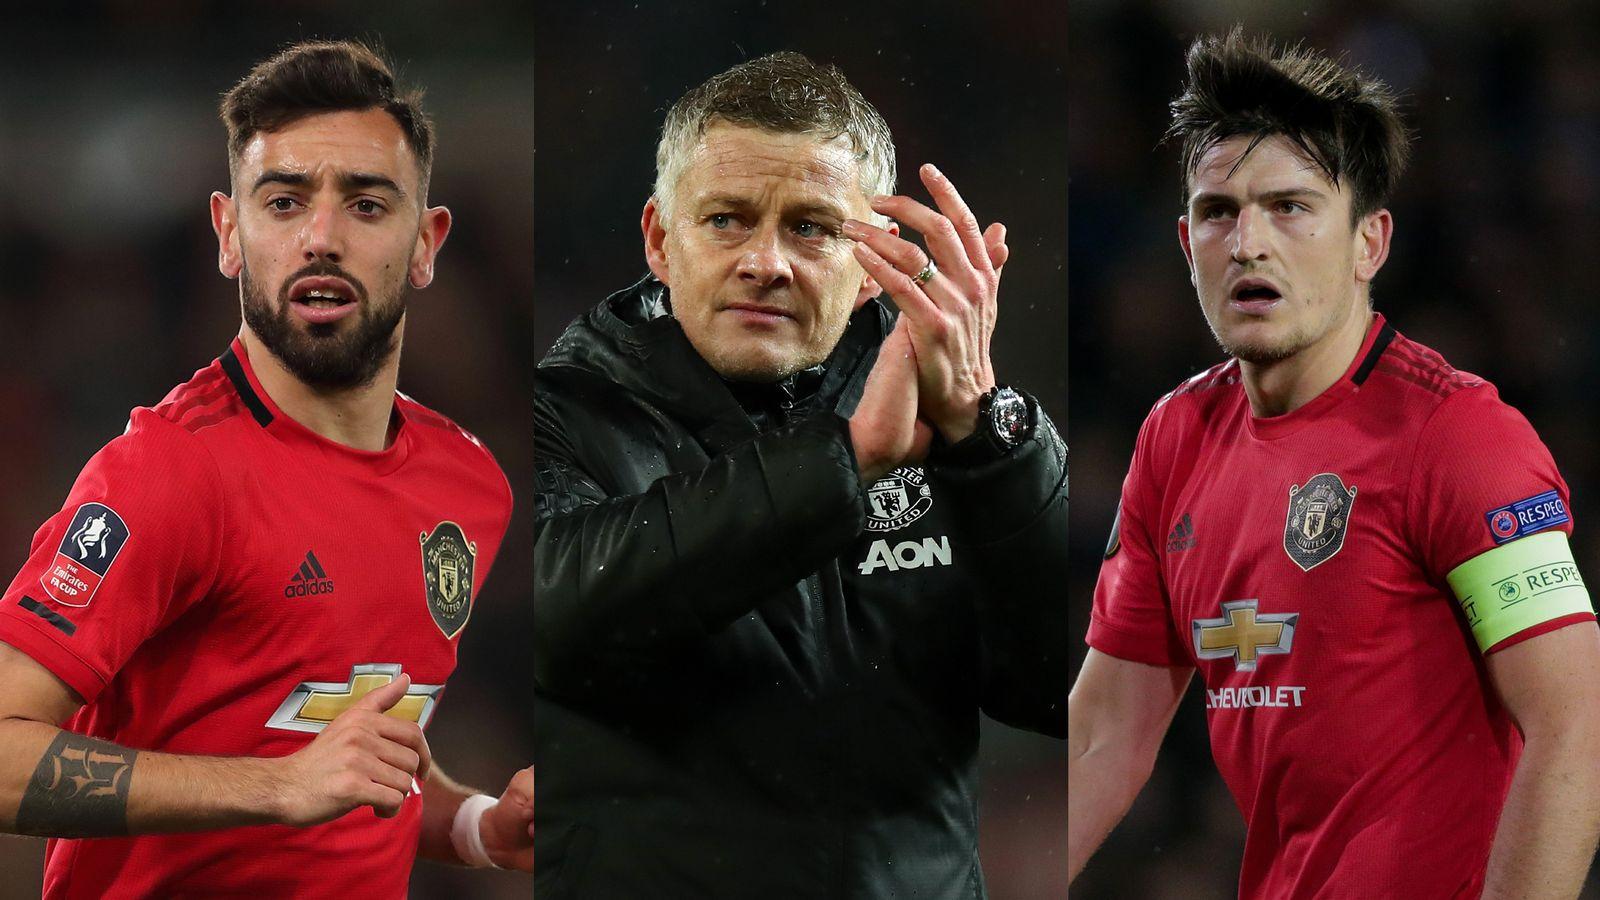 Gary Neville 'más seguro' del desafío por el título del Manchester United la próxima temporada | Noticias de futbol 18